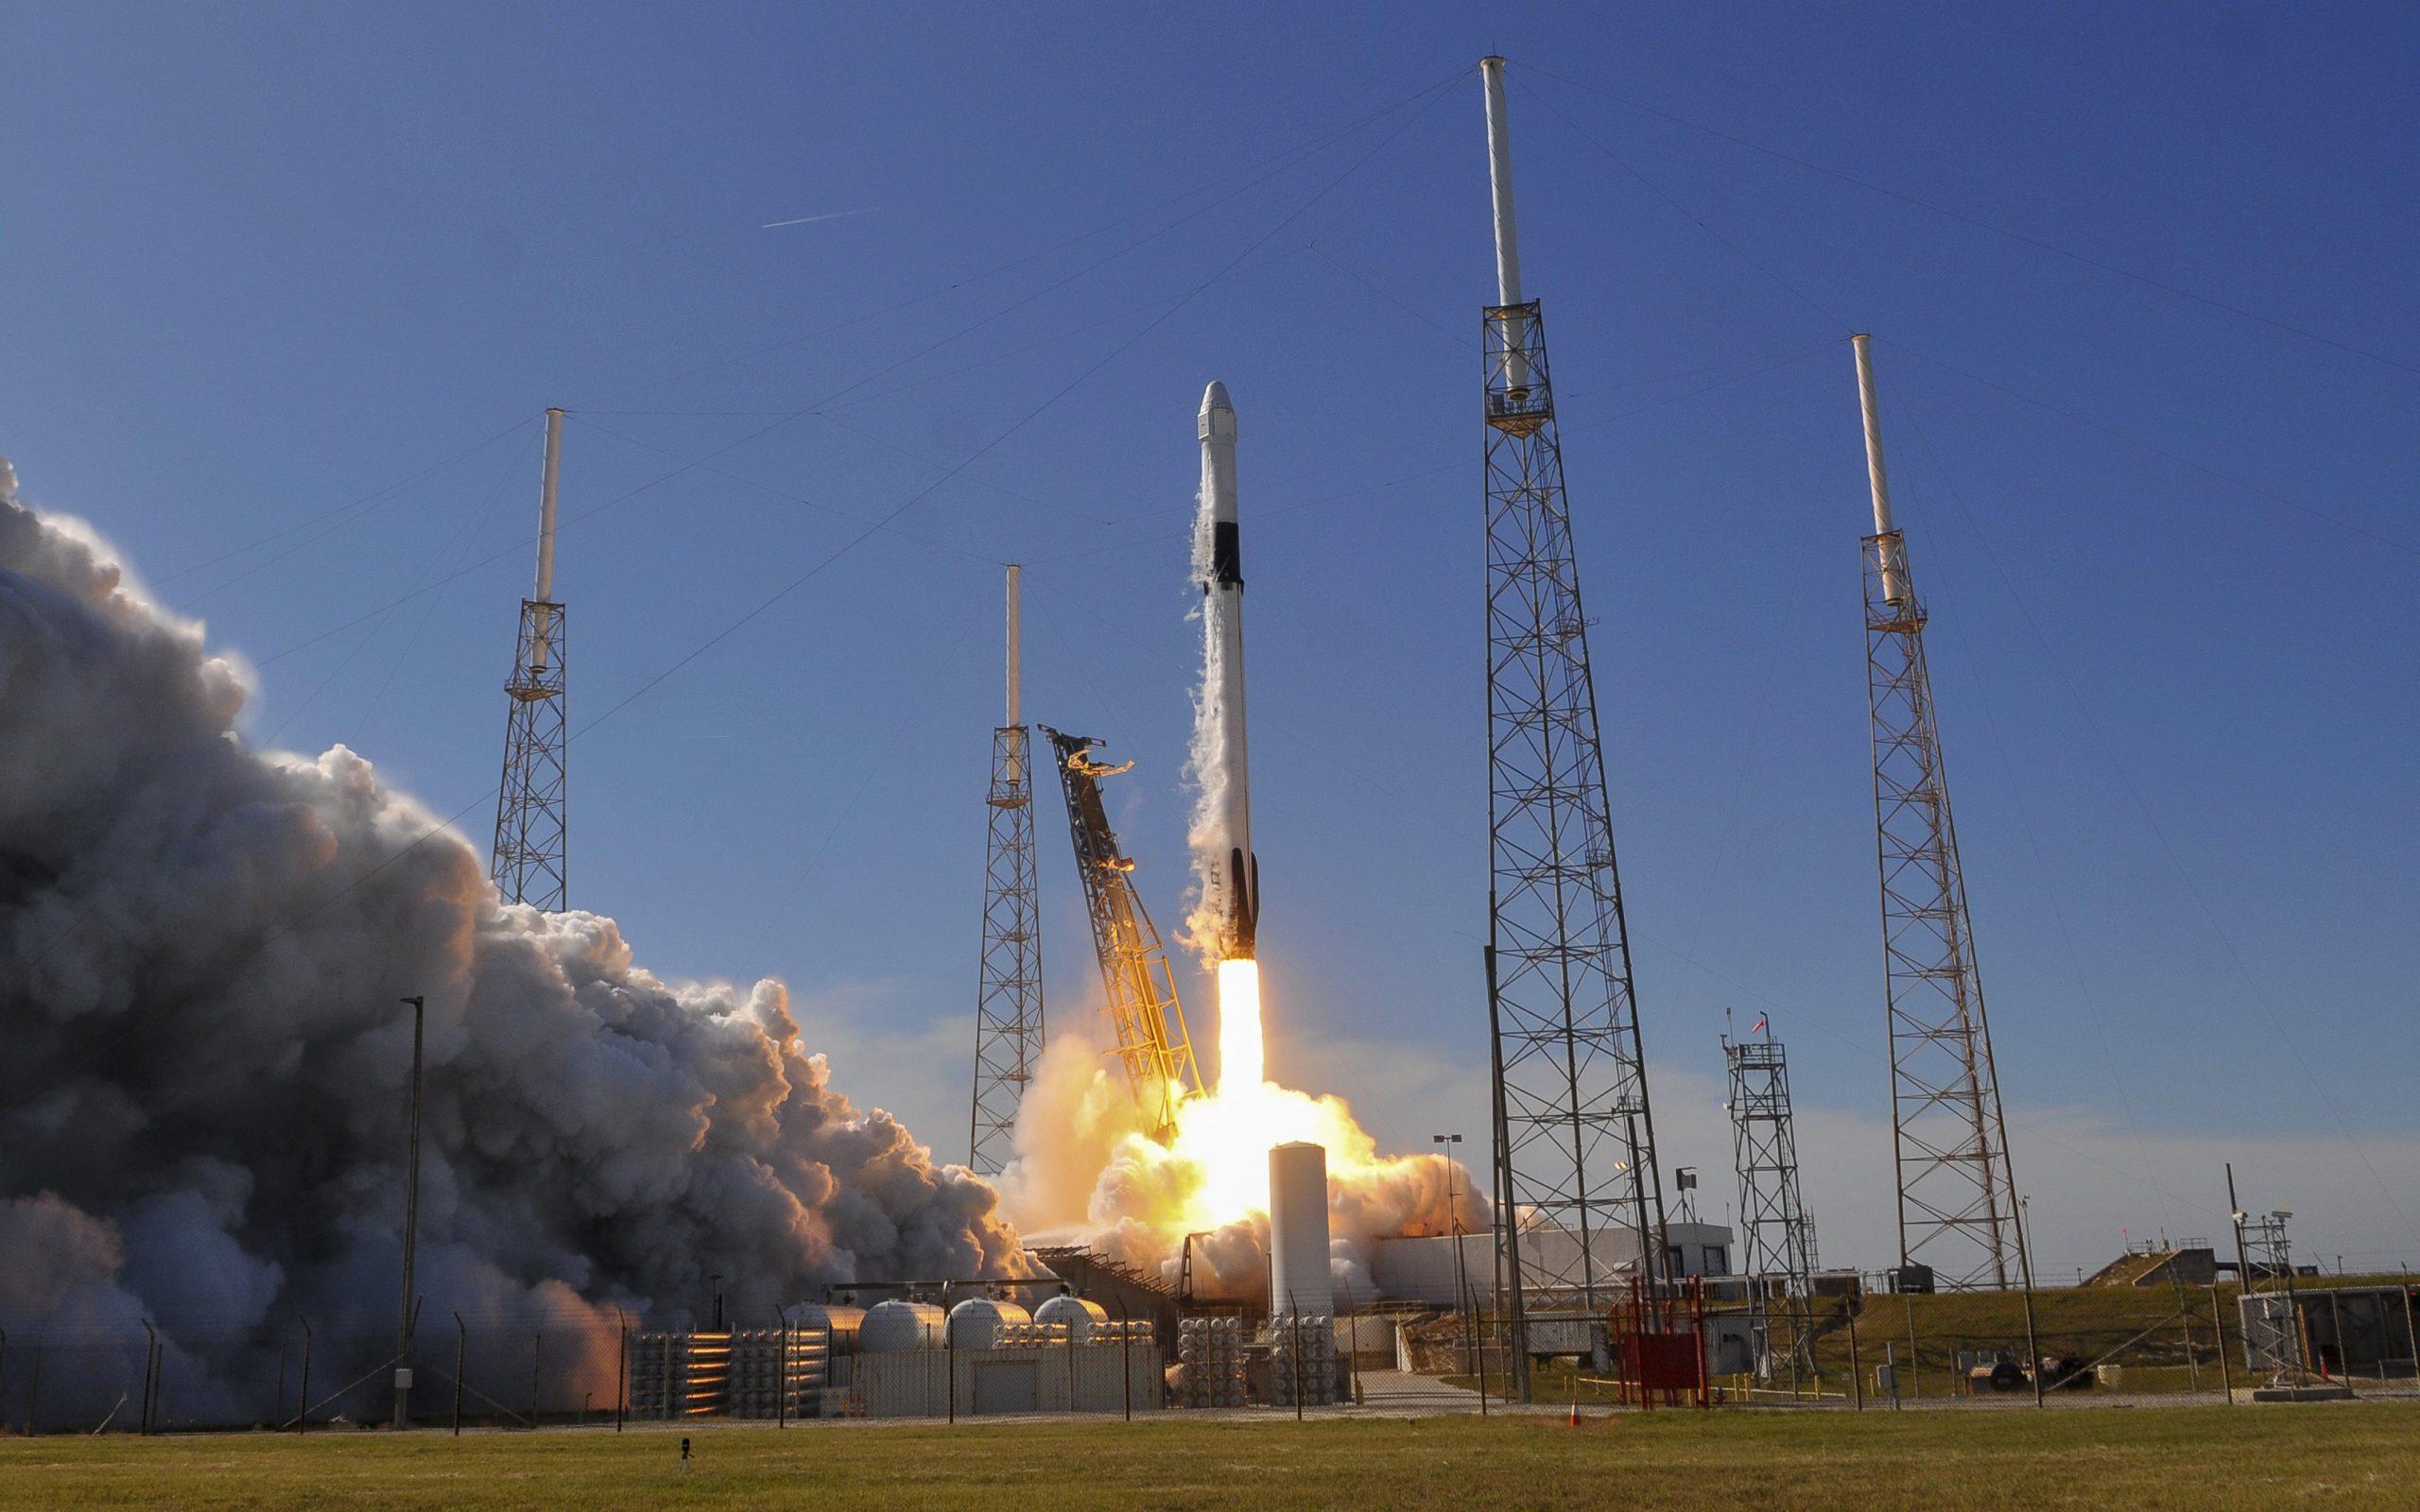 SpaceX a lancé des 'souris puissantes' génétiquement améliorées sur la Station spatiale internationale lors d'une mission de ravitaillement.